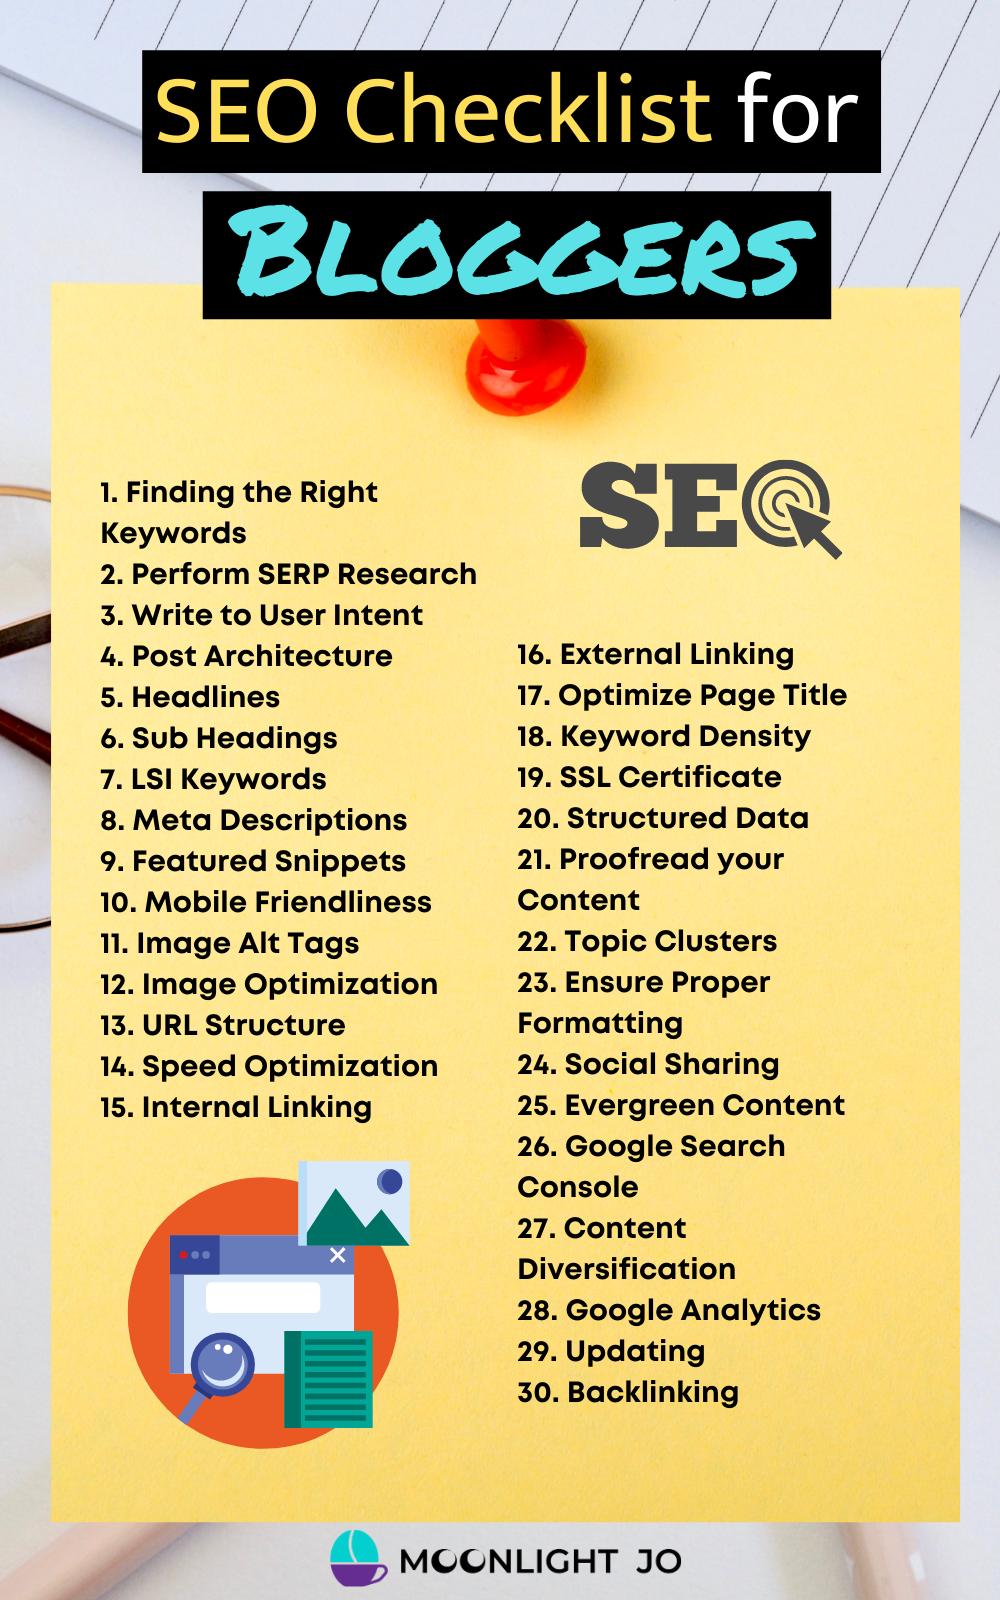 SEO Blogging Checklist